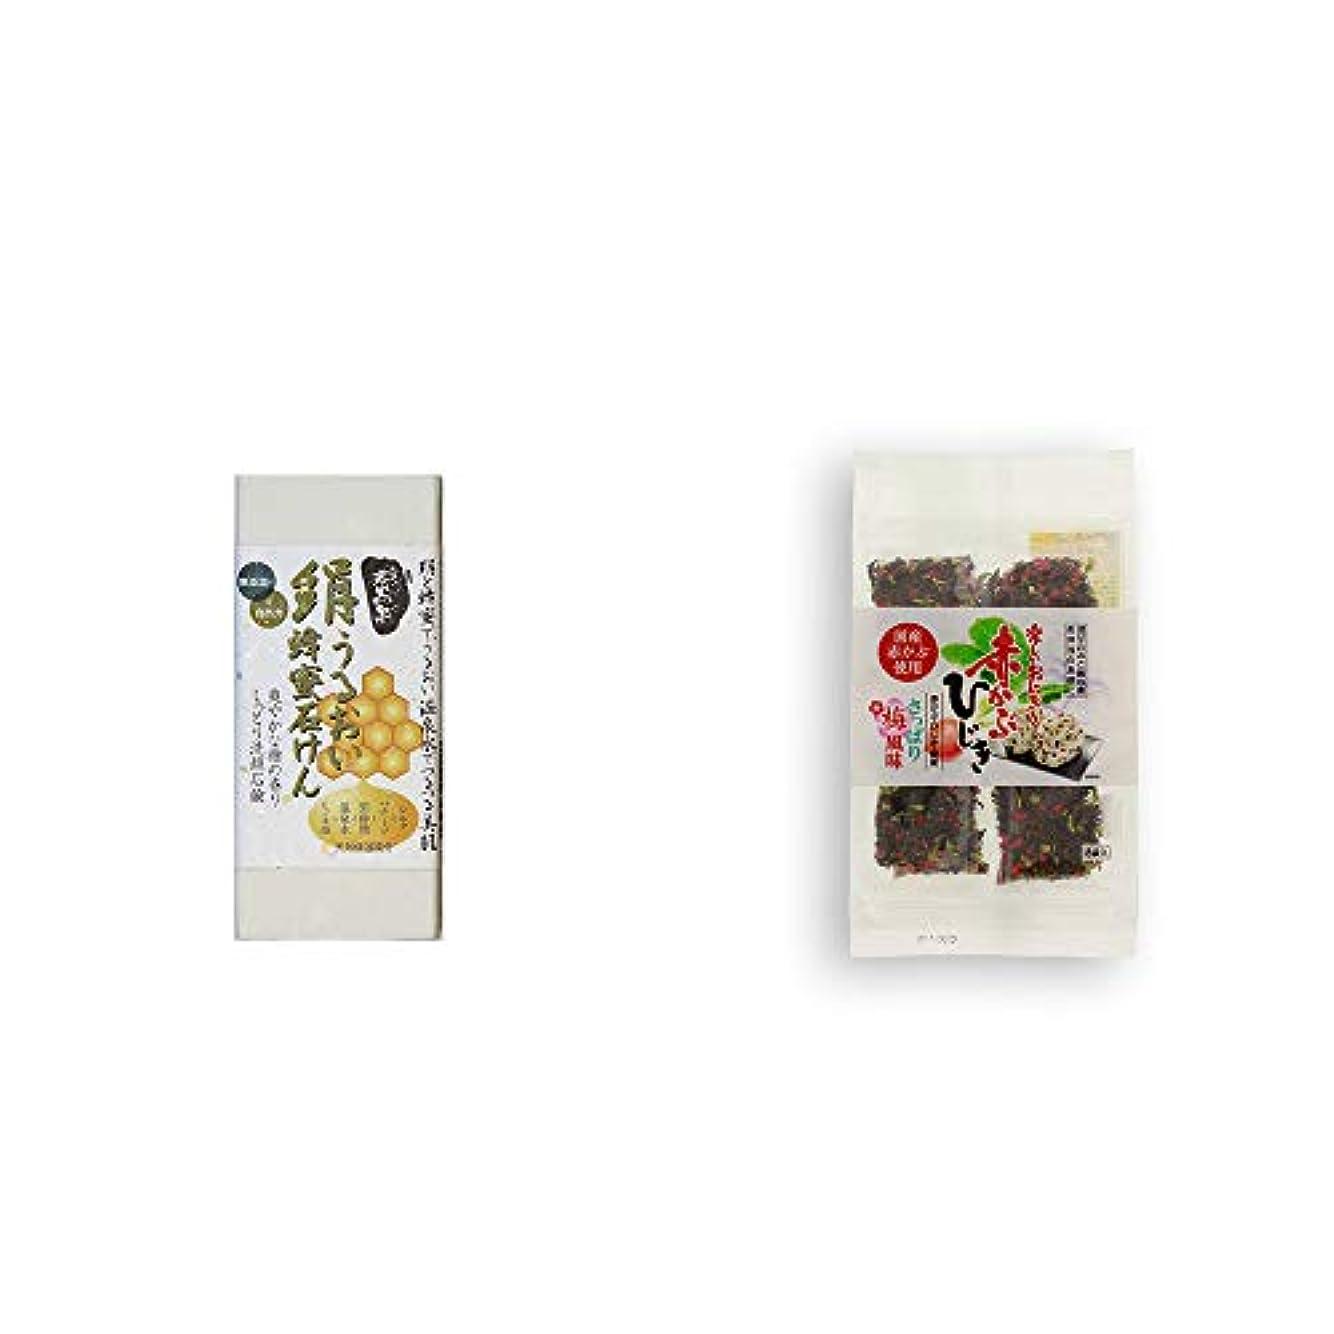 まとめる赤字分[2点セット] ひのき炭黒泉 絹うるおい蜂蜜石けん(75g×2)?楽しいおにぎり 赤かぶひじき(8g×8袋)